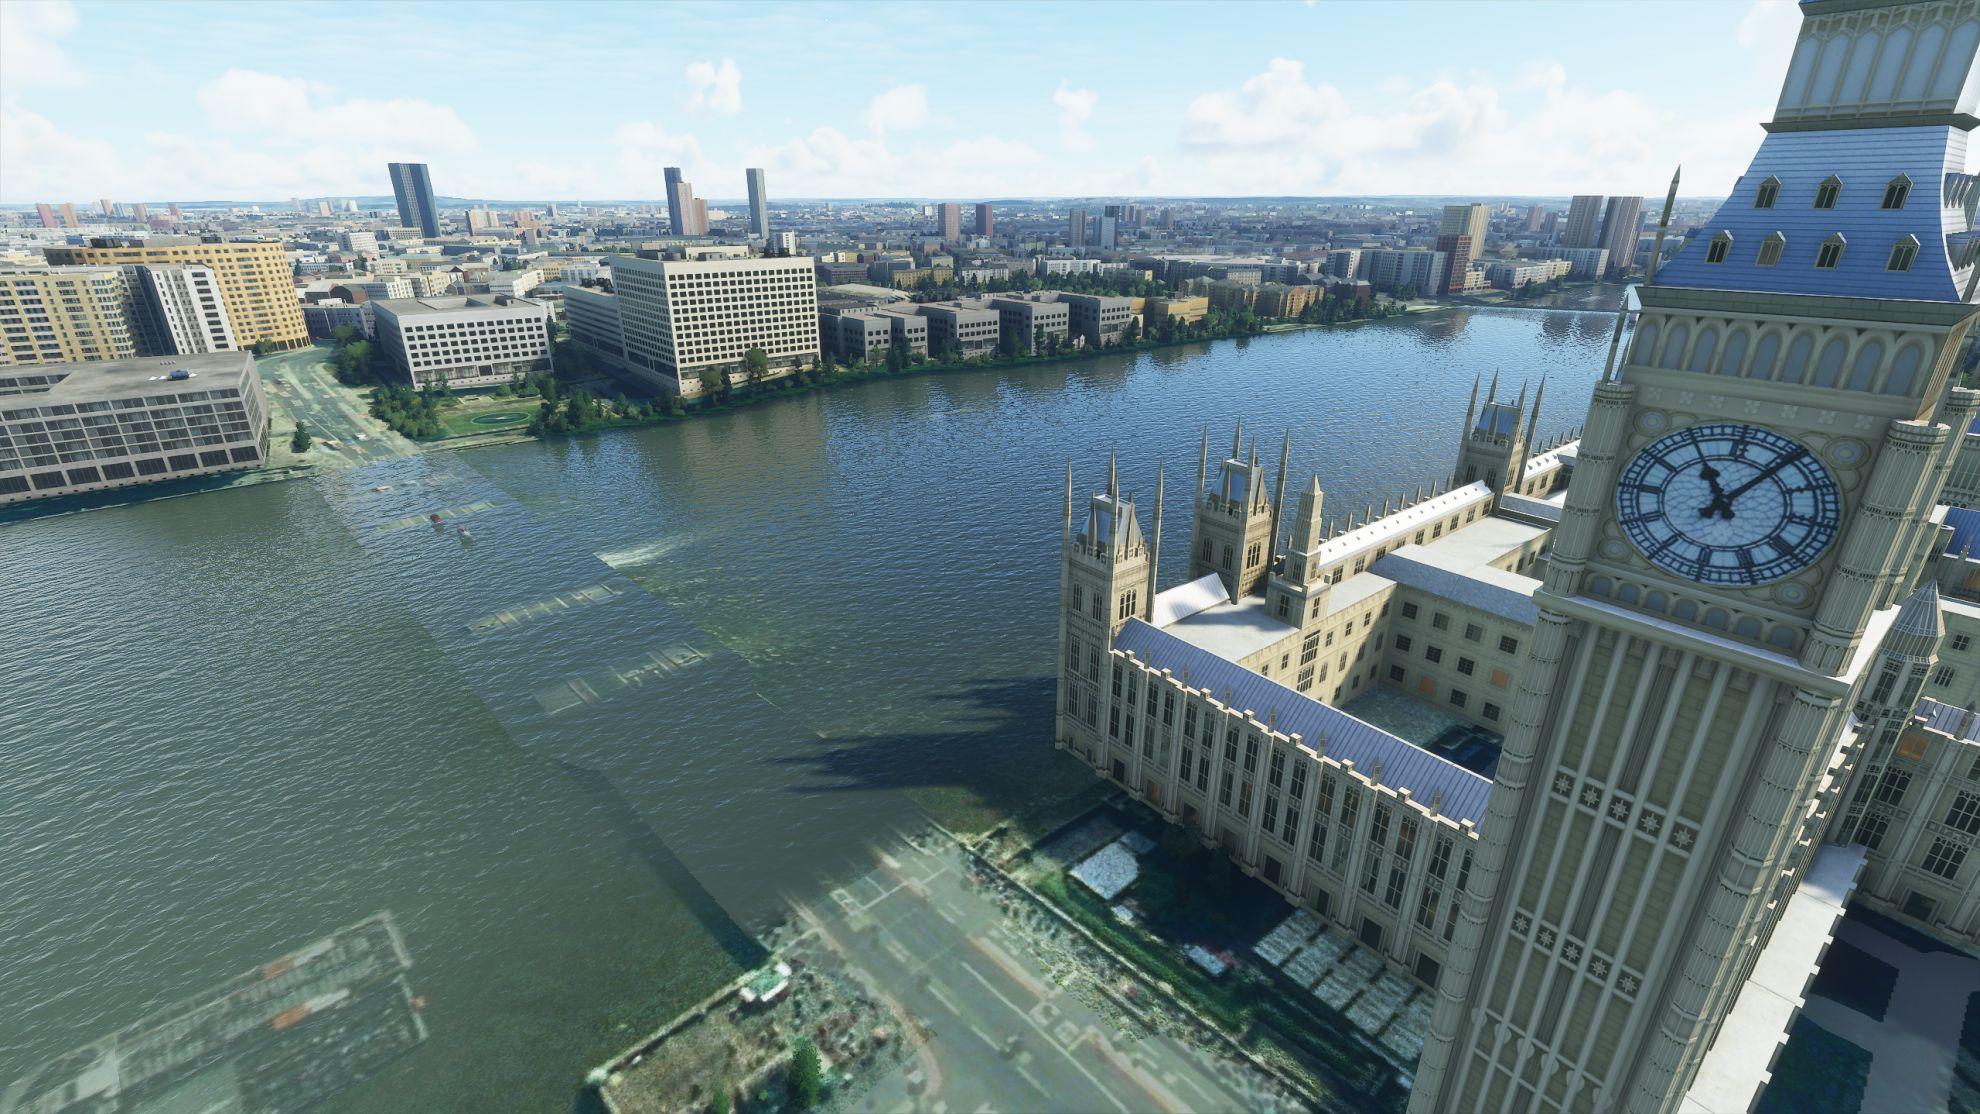 A bridge in London spawned underwater